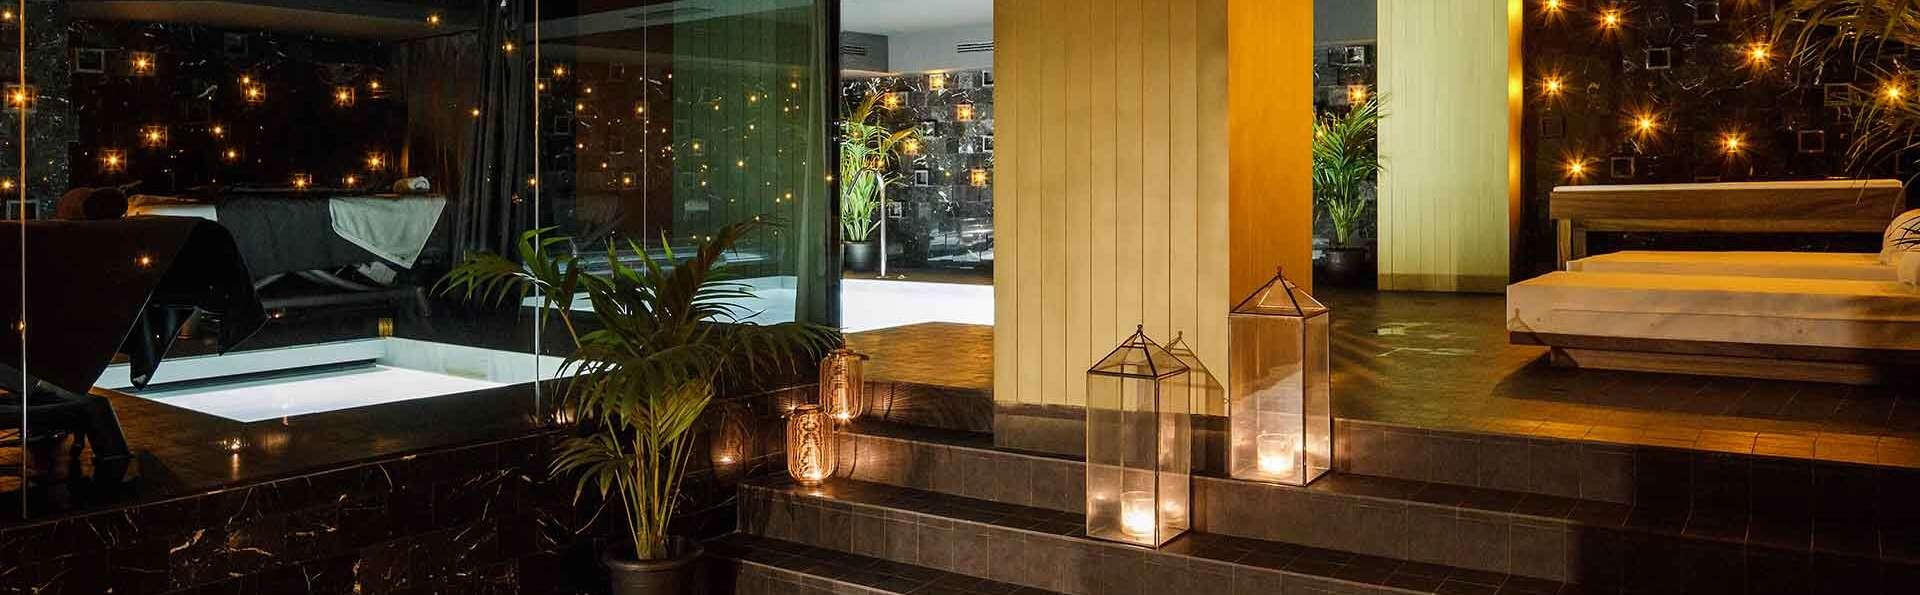 SPA LOVERS : découvrez Grenade en séjournant dans un hôtel design avec spa